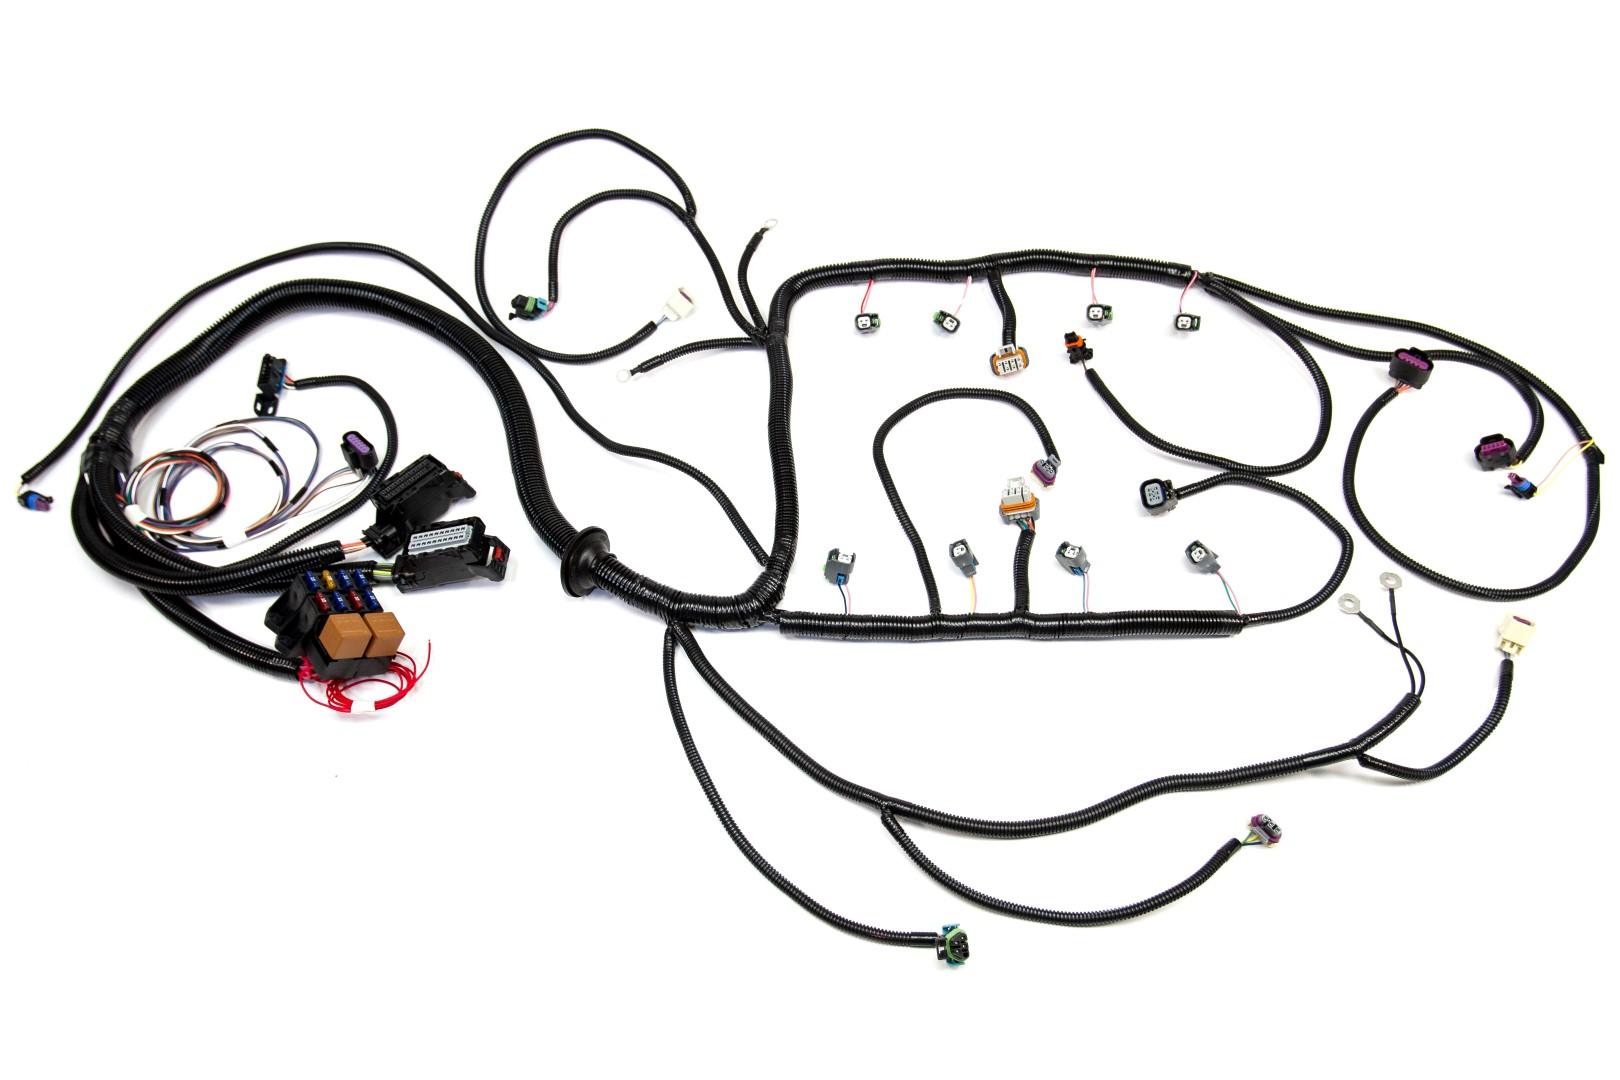 700r4 electrical plug